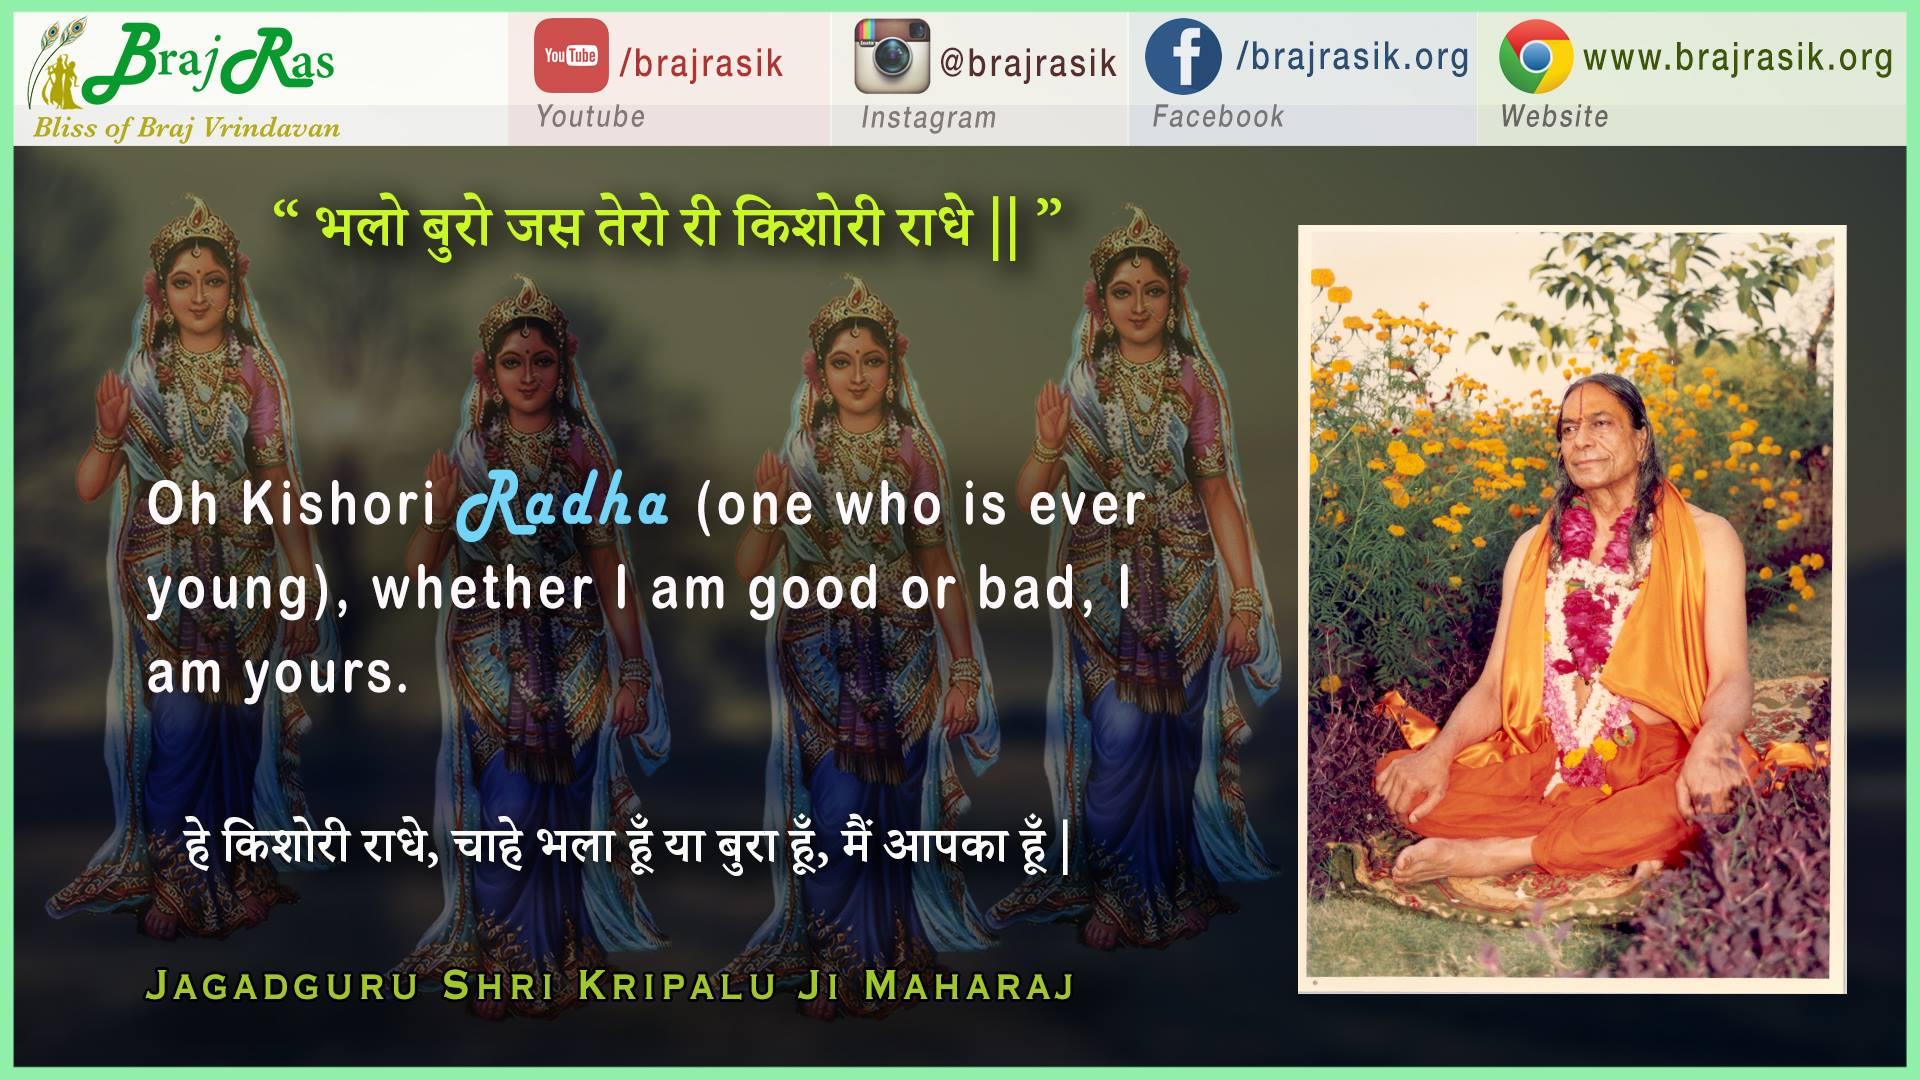 Bhalo Buro Jas Tero Ri Kishori Radhey - Jagadguru Shri Kripalu Ji Maharaj